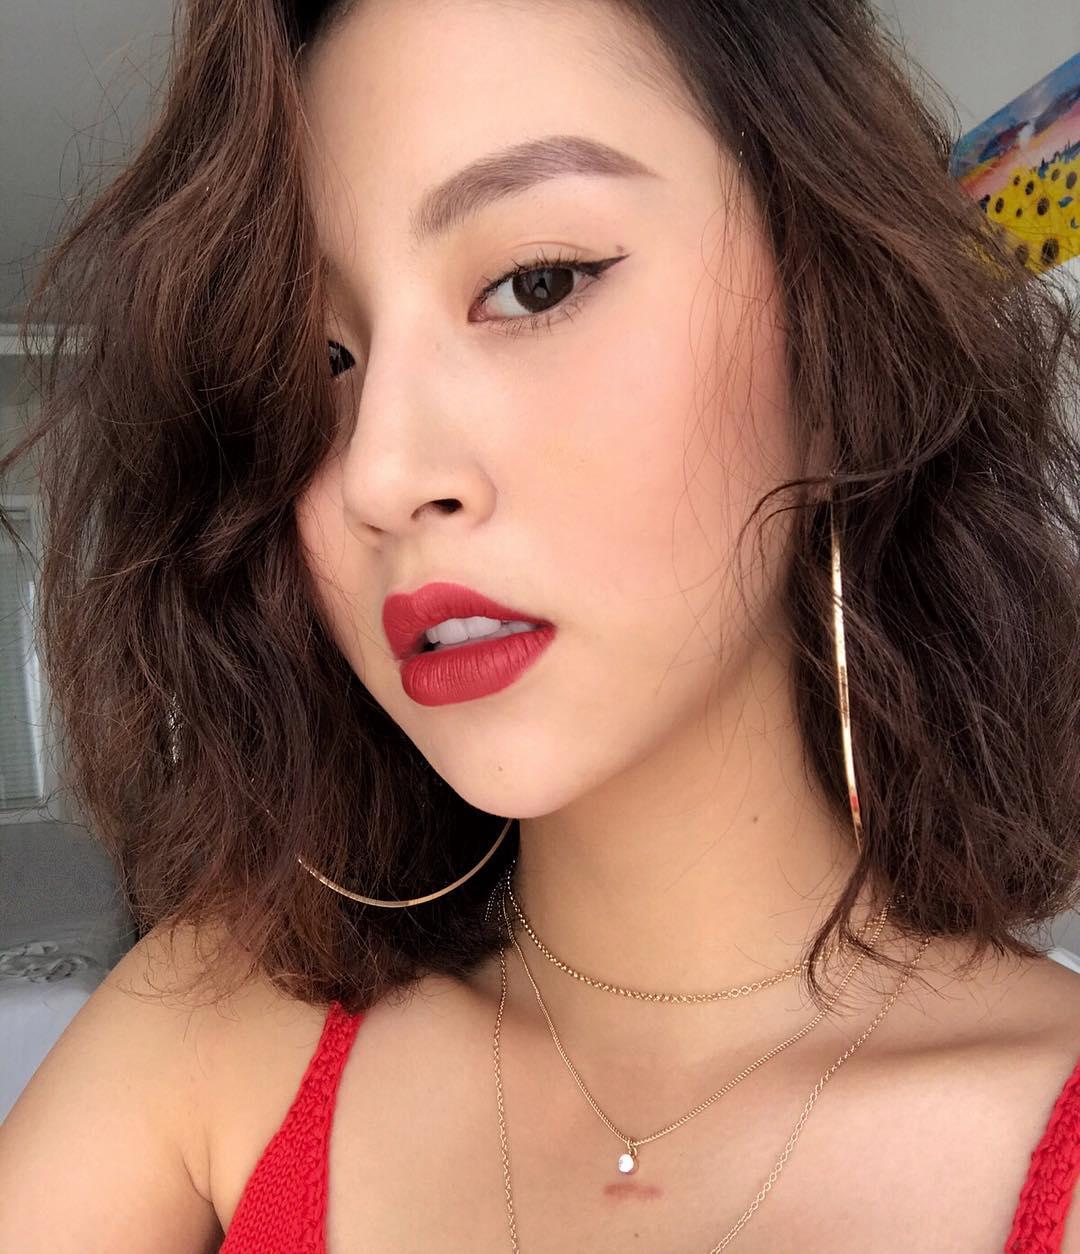 Nhỏ xinh nhưng lợi hại, đây là món phụ kiện nâng tầm nhan sắc và phong cách đang được các hot girl Việt diện hoài không chán - Ảnh 4.